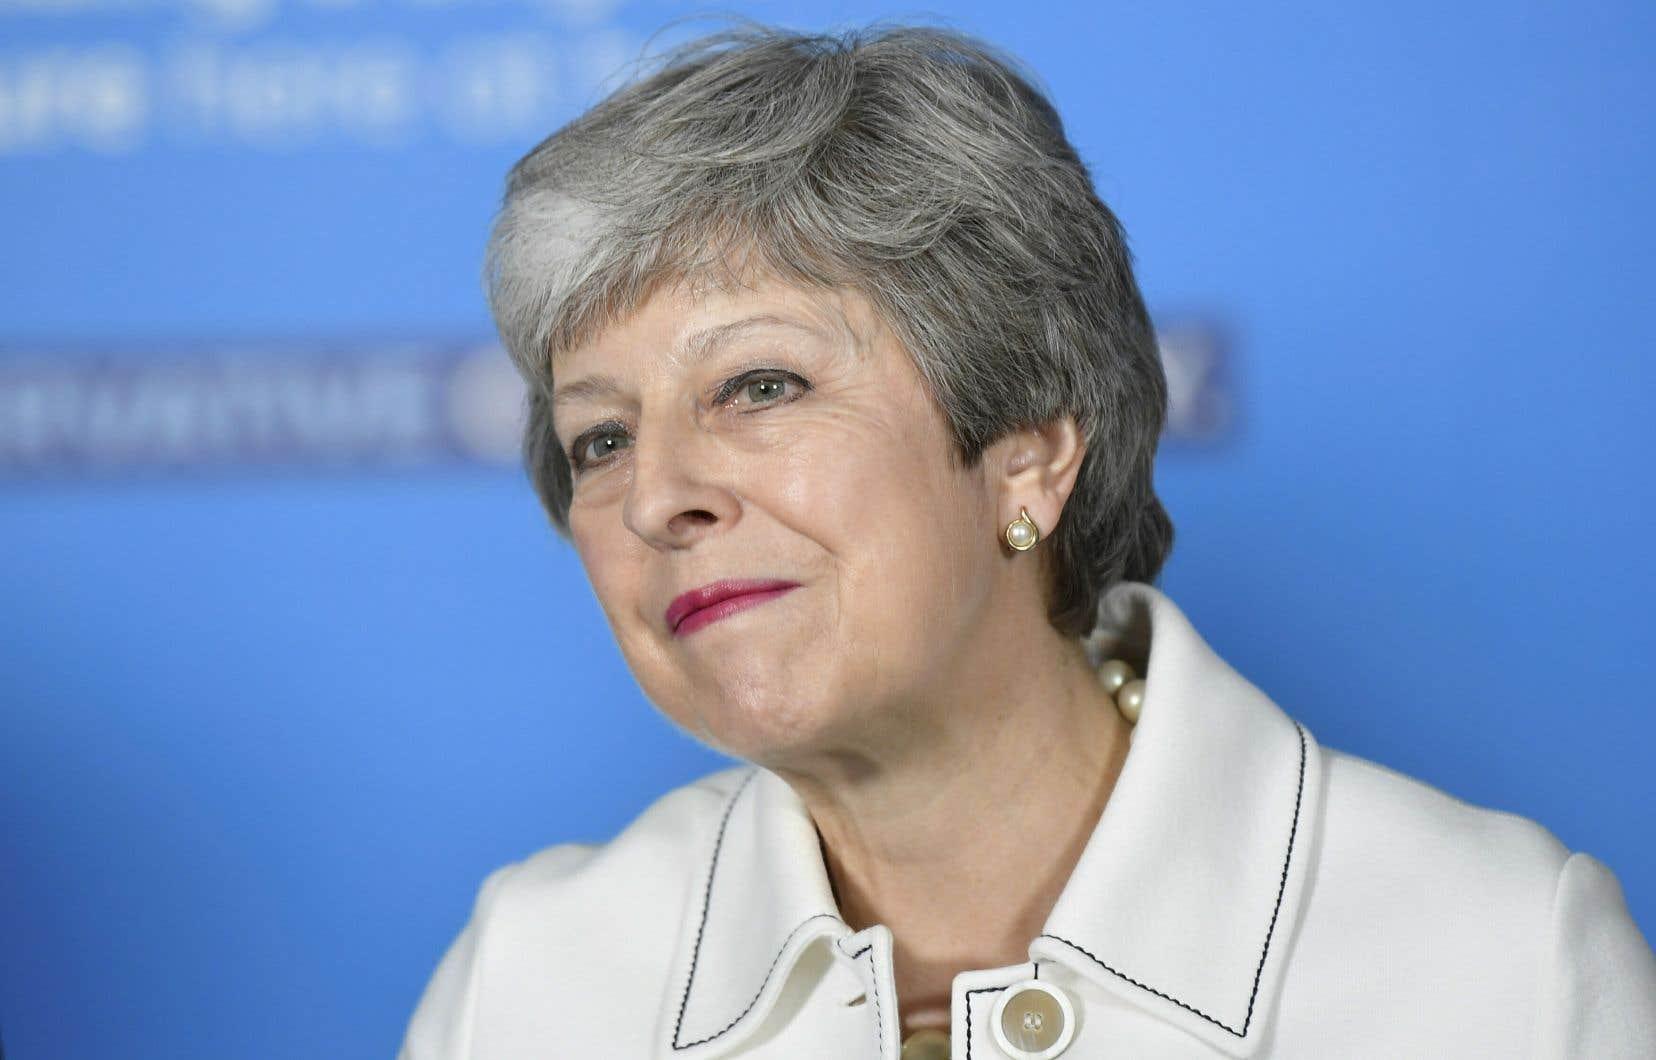 Theresa May devrait quitter son poste d'ici la fin de juillet, selon le quotidien britannique«Daily Mail».